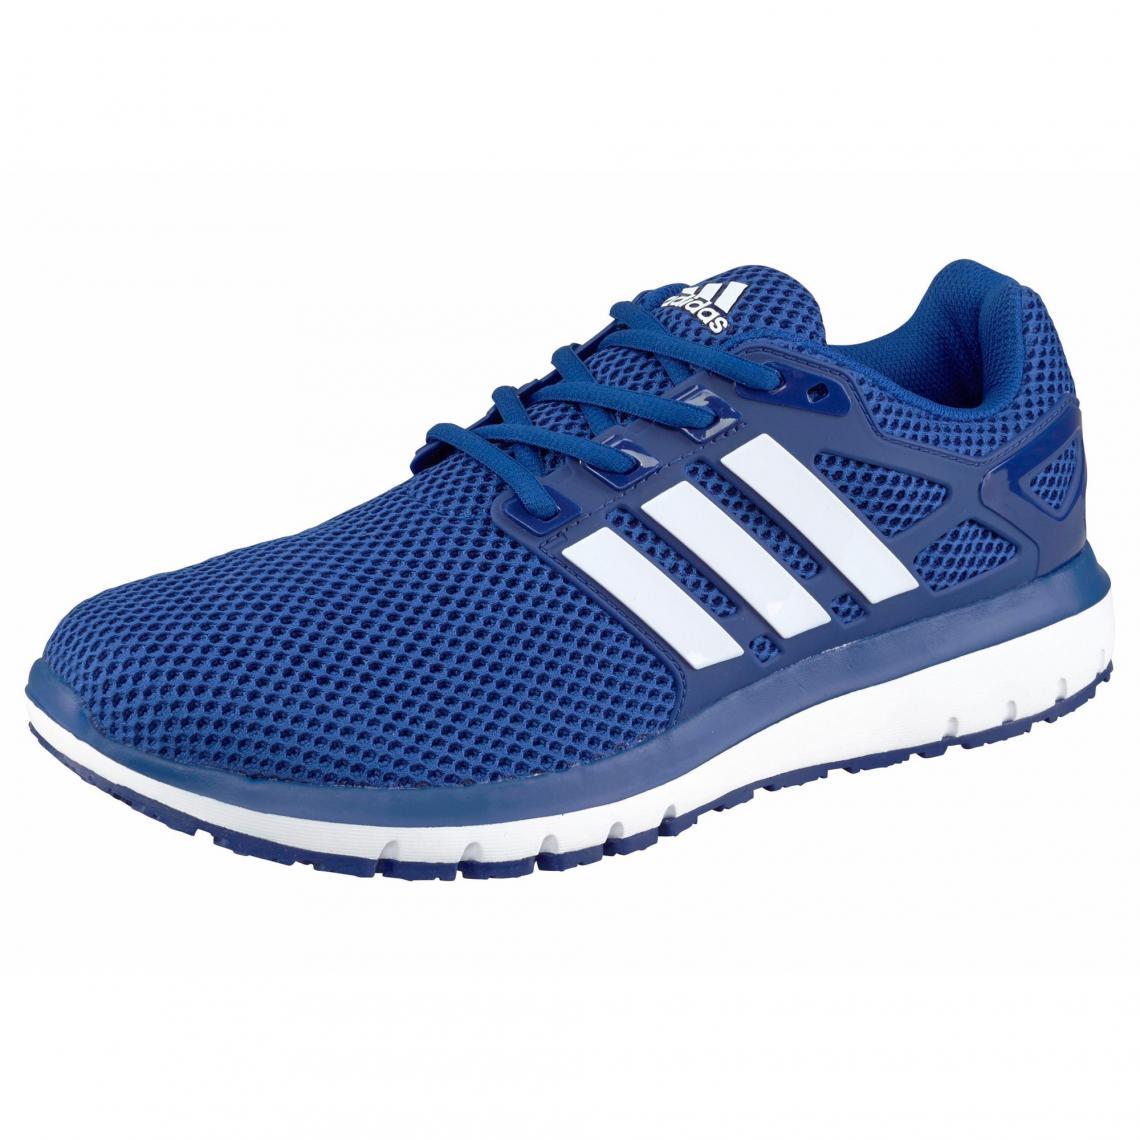 reputable site 0b38a 9b09d Chaussures de sport Energy Cloud adidas Performance pour homme - Bleu -  Blanc Adidas Performance Homme